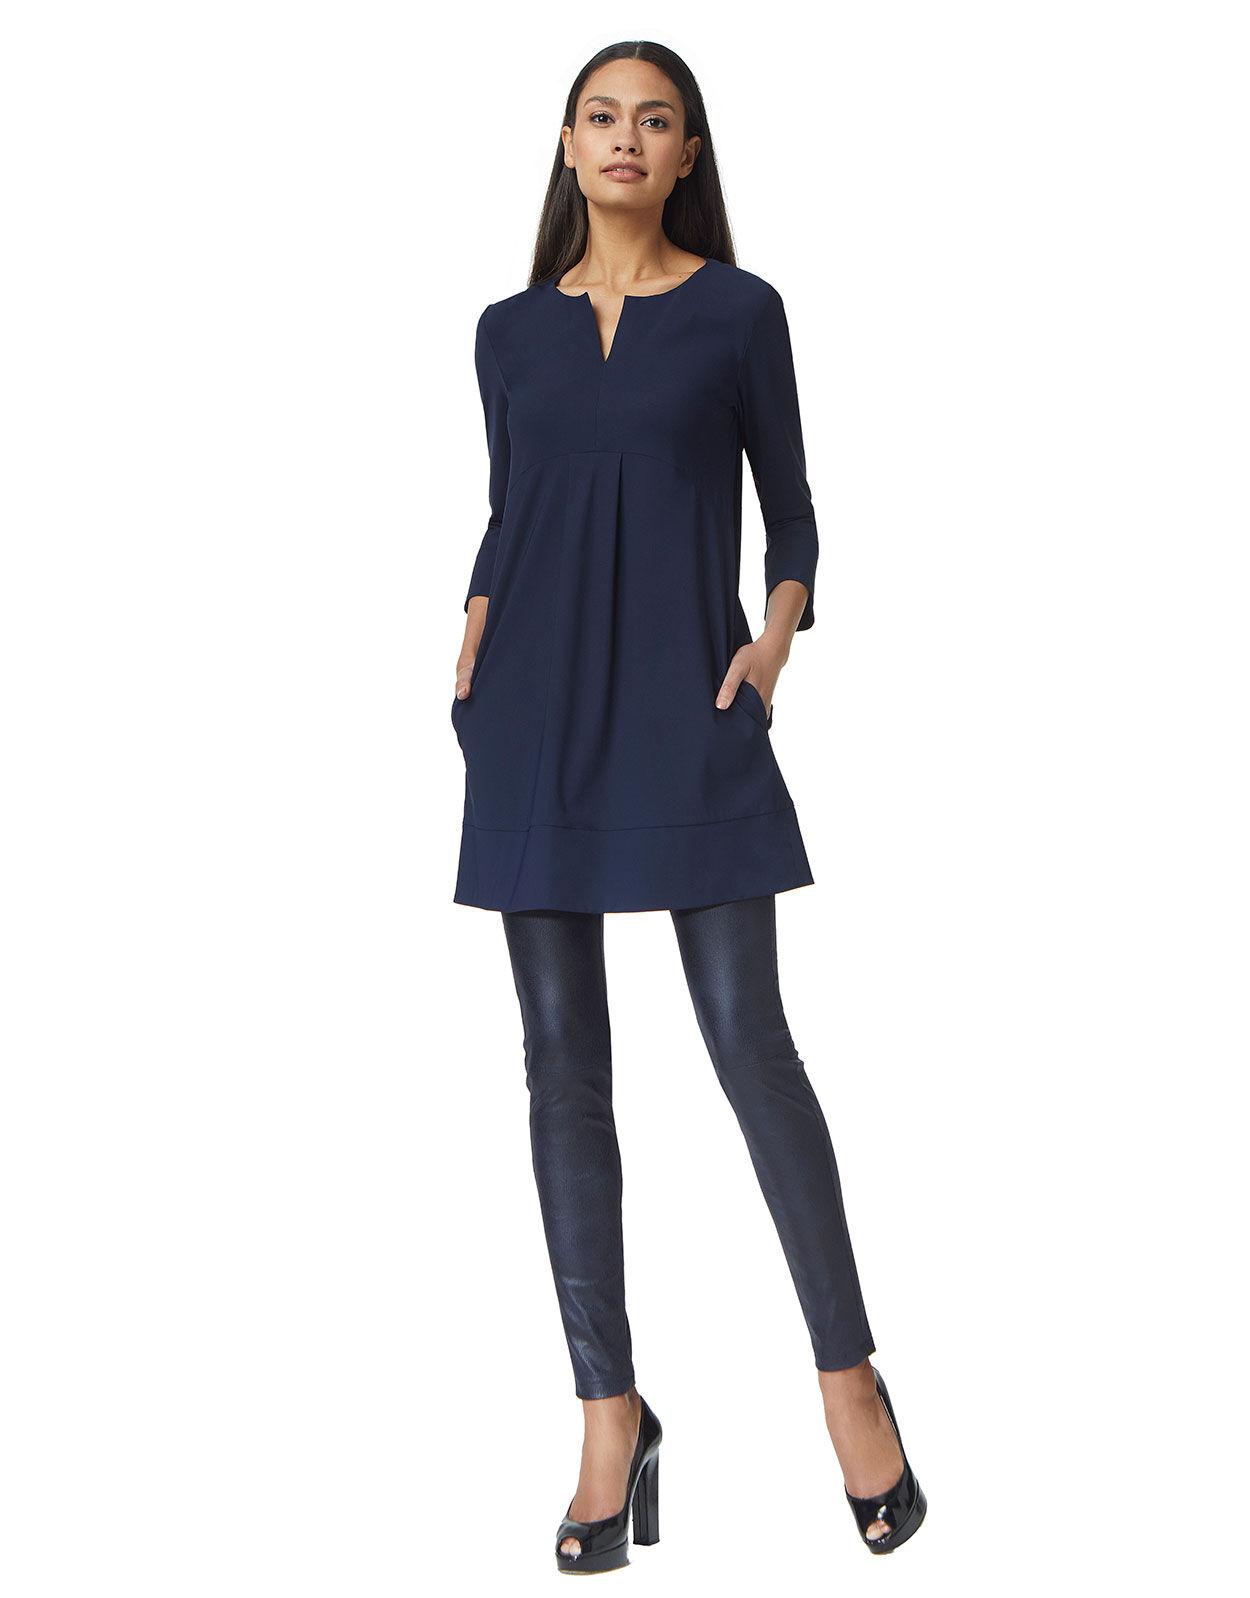 Abbildung von LaDress Alison jersey kleid blau